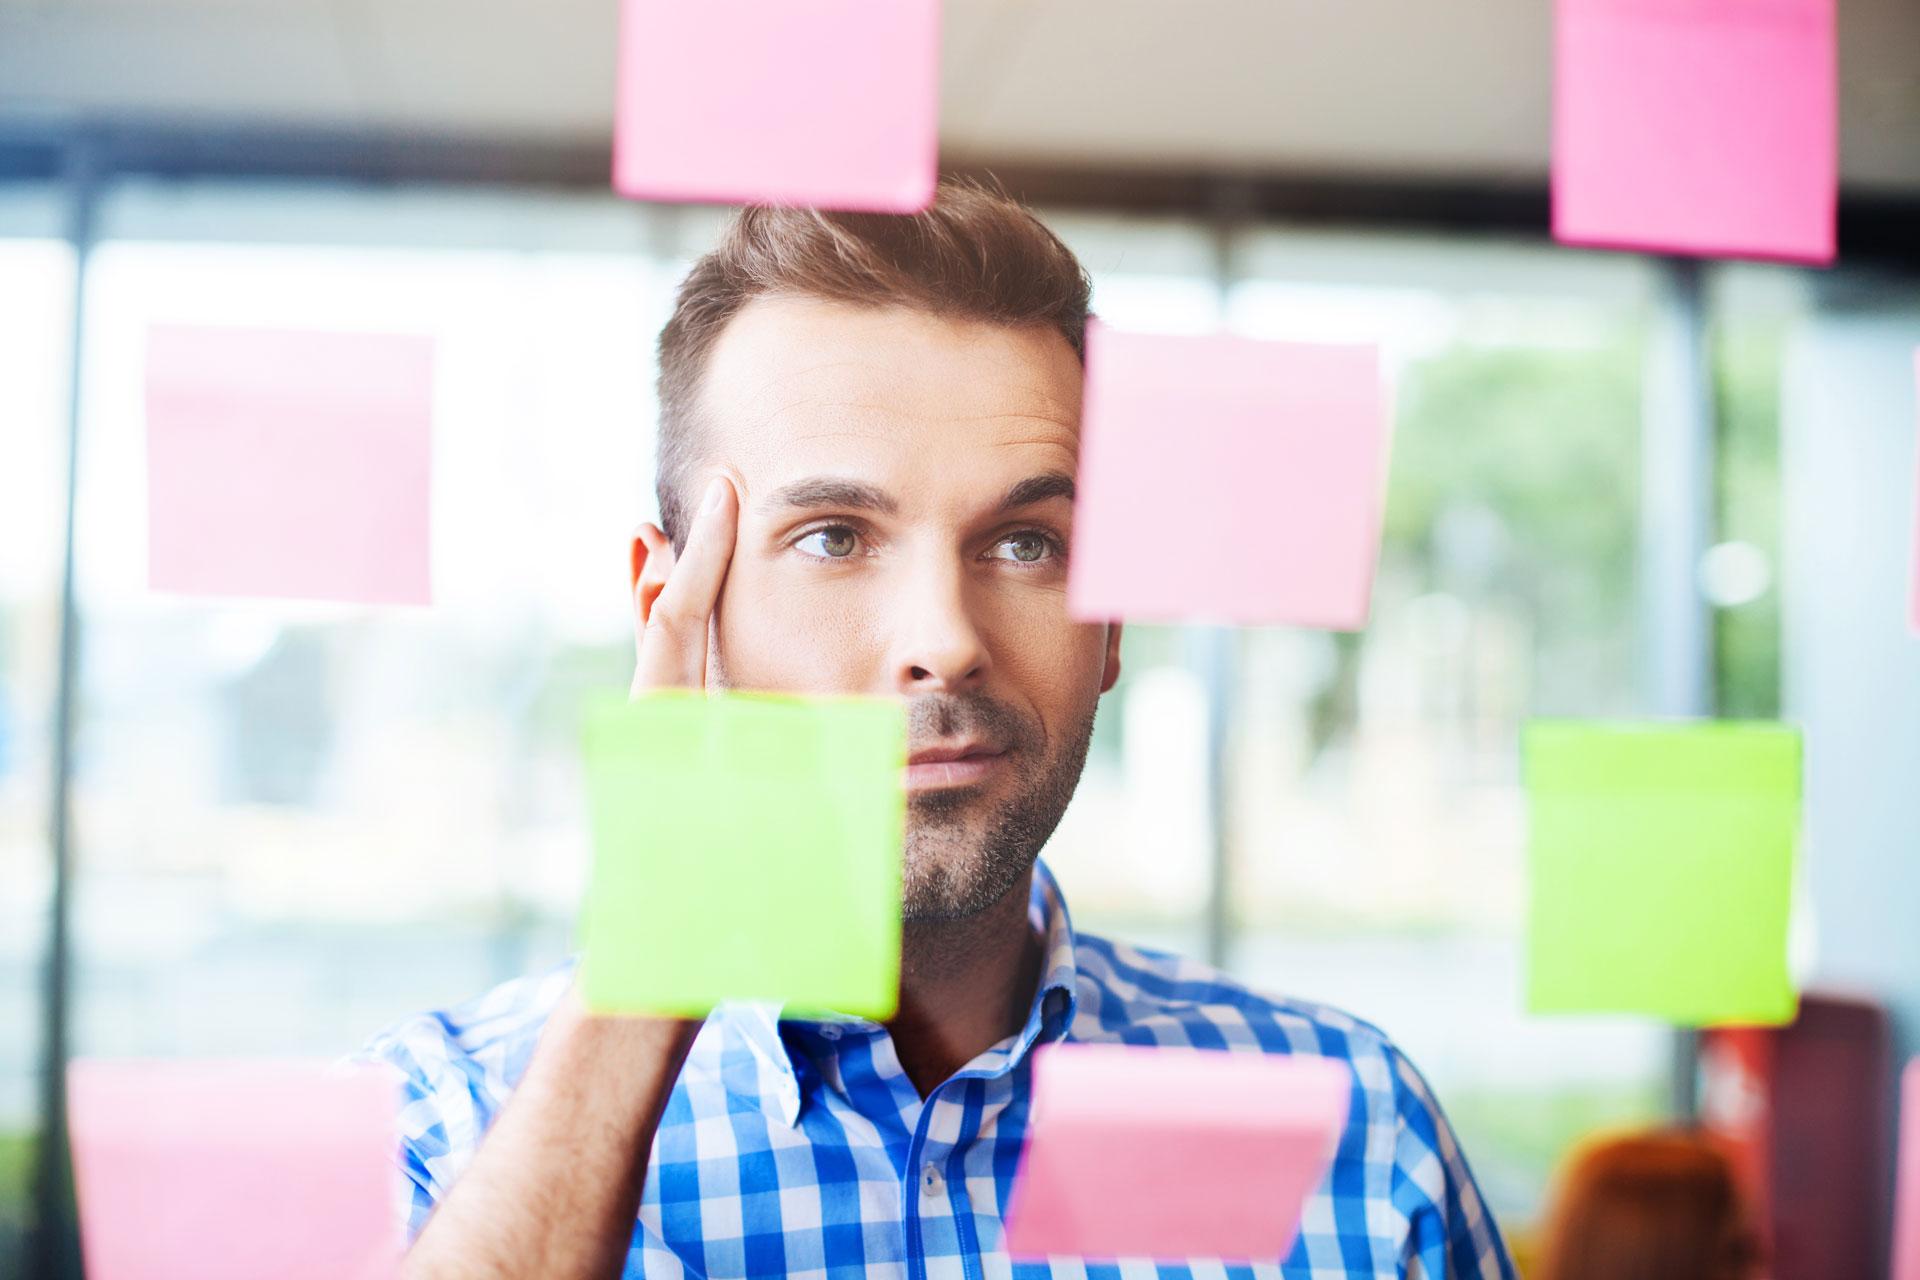 man looking at notes